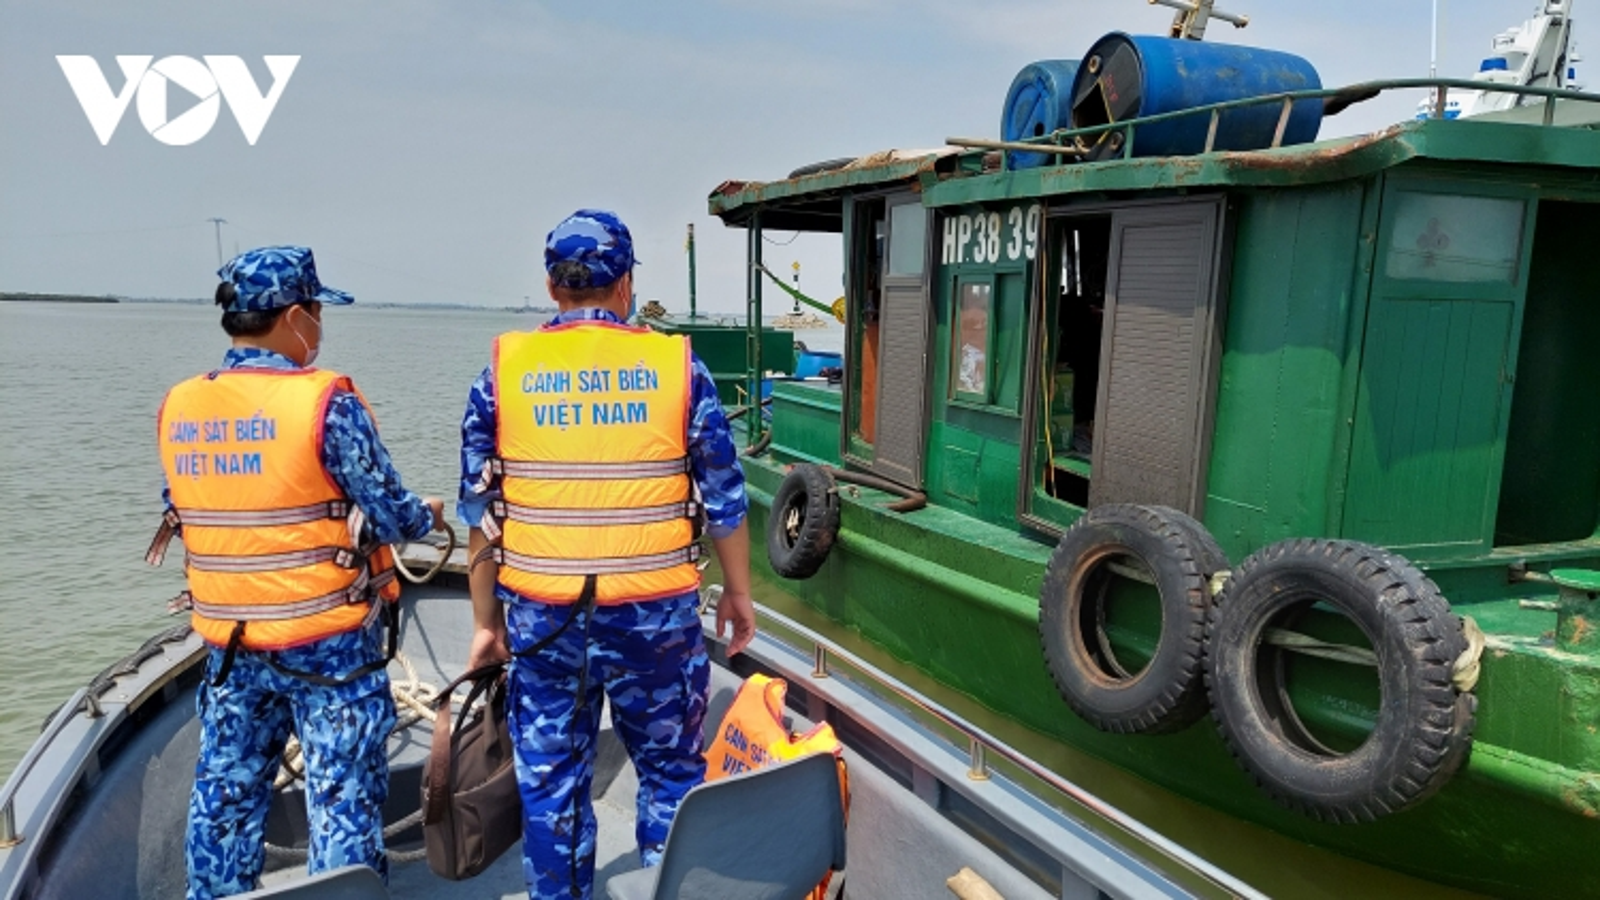 Cảnh sát biển tạm giữ 25.000 lít dầu DO không rõ nguồn gốc